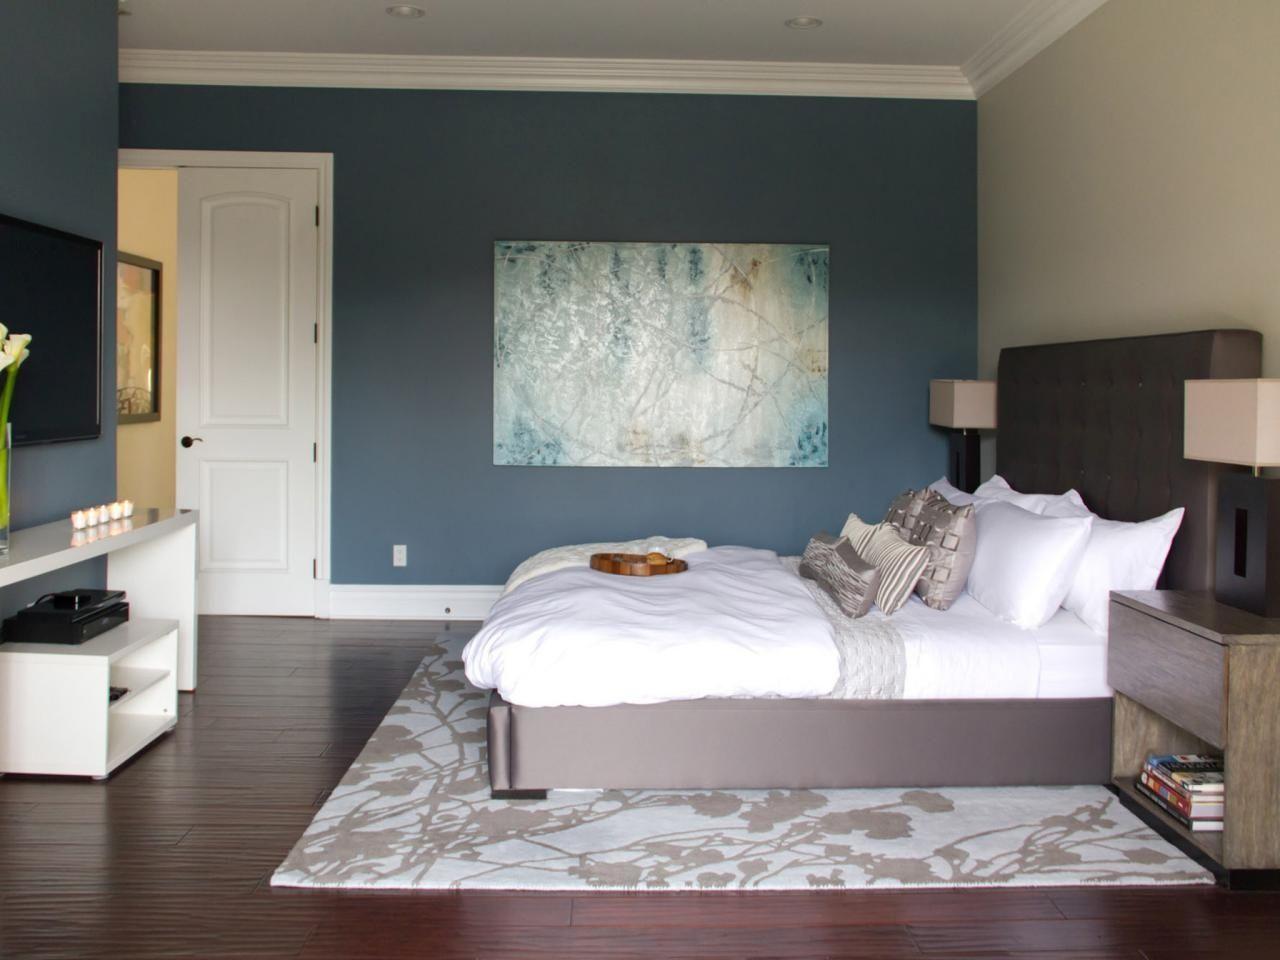 Master bedroom ideas   Best Master Bedroom Design Ideas  Master bedroom plans